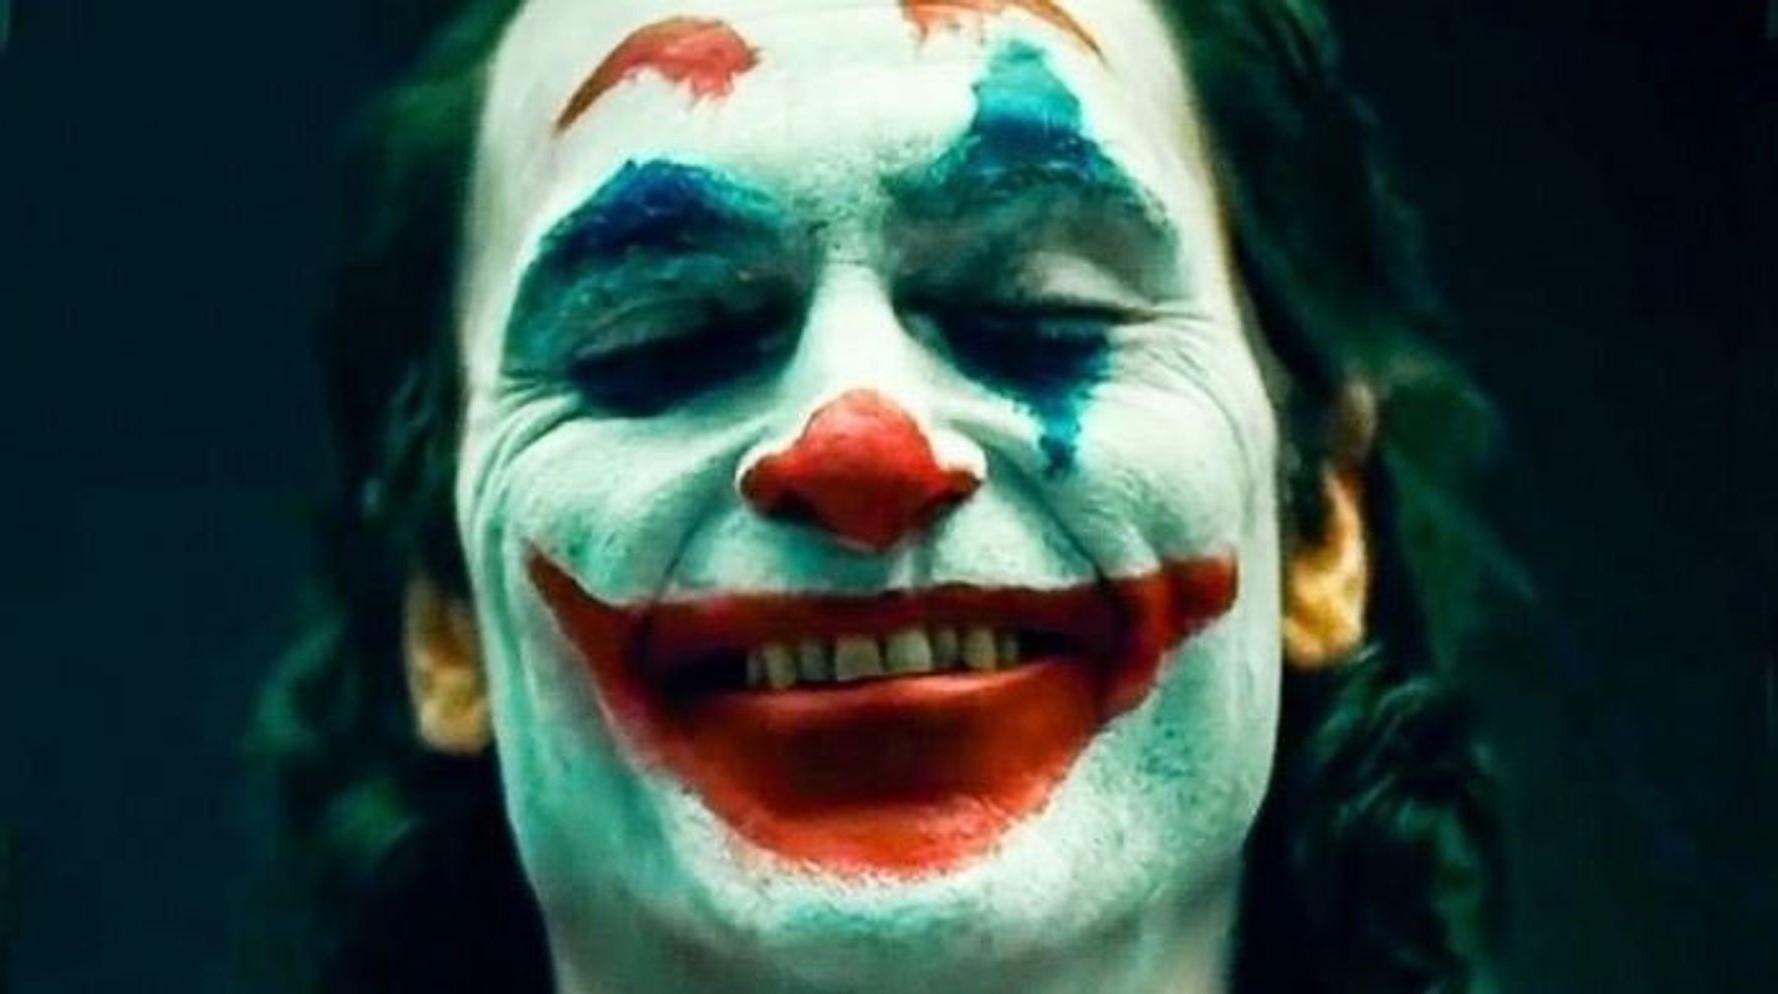 Cамый известный злодей всех времен и народов | Почему новый «Джокер» заслуживает Оскара | Brain Berries